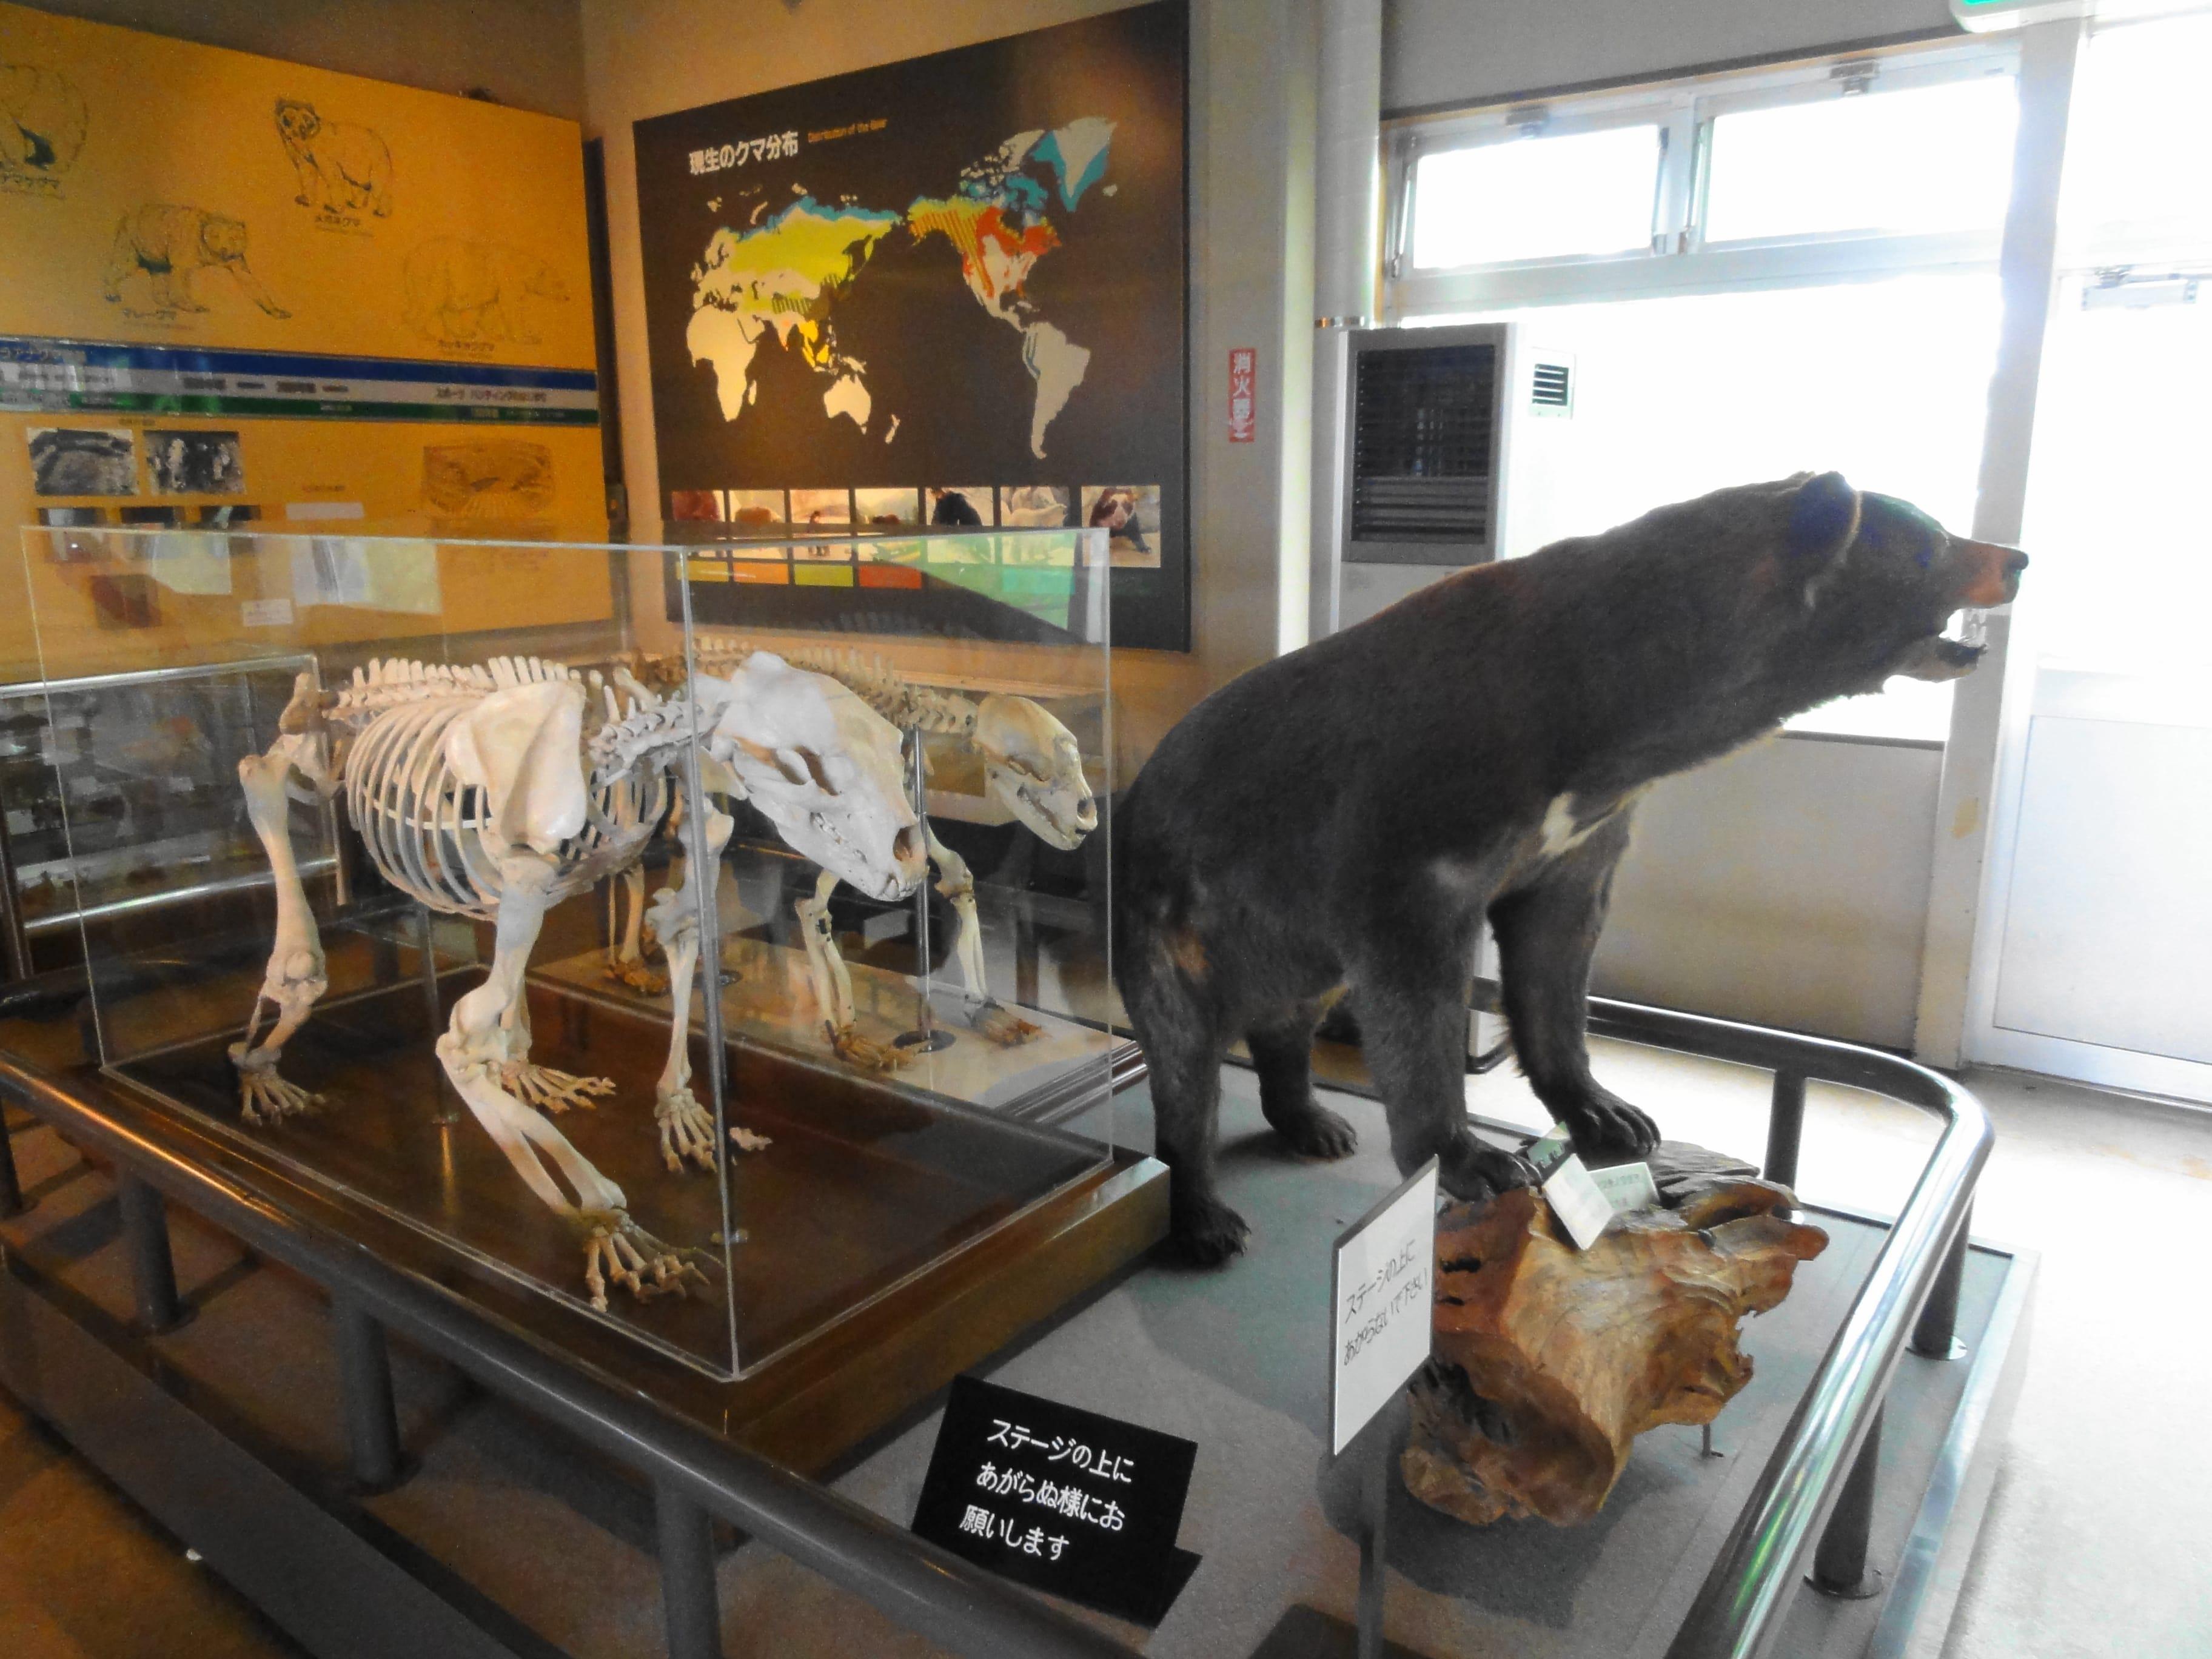 のぼりべつクマ牧場の展示